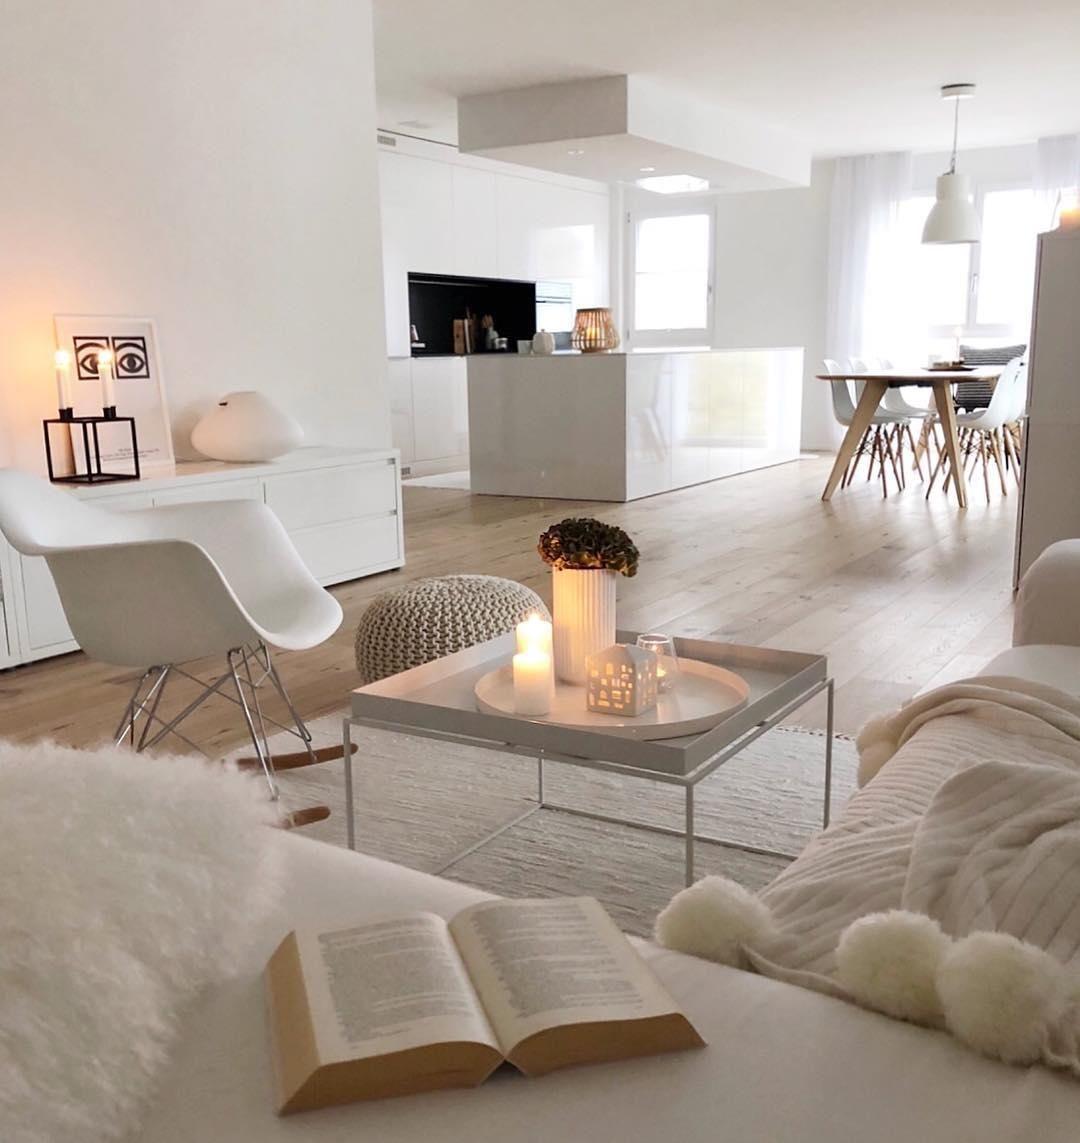 Küchenideen keine hängeschränke get cozy  alles für ein kuscheliges zuhause unser geheimrezept für